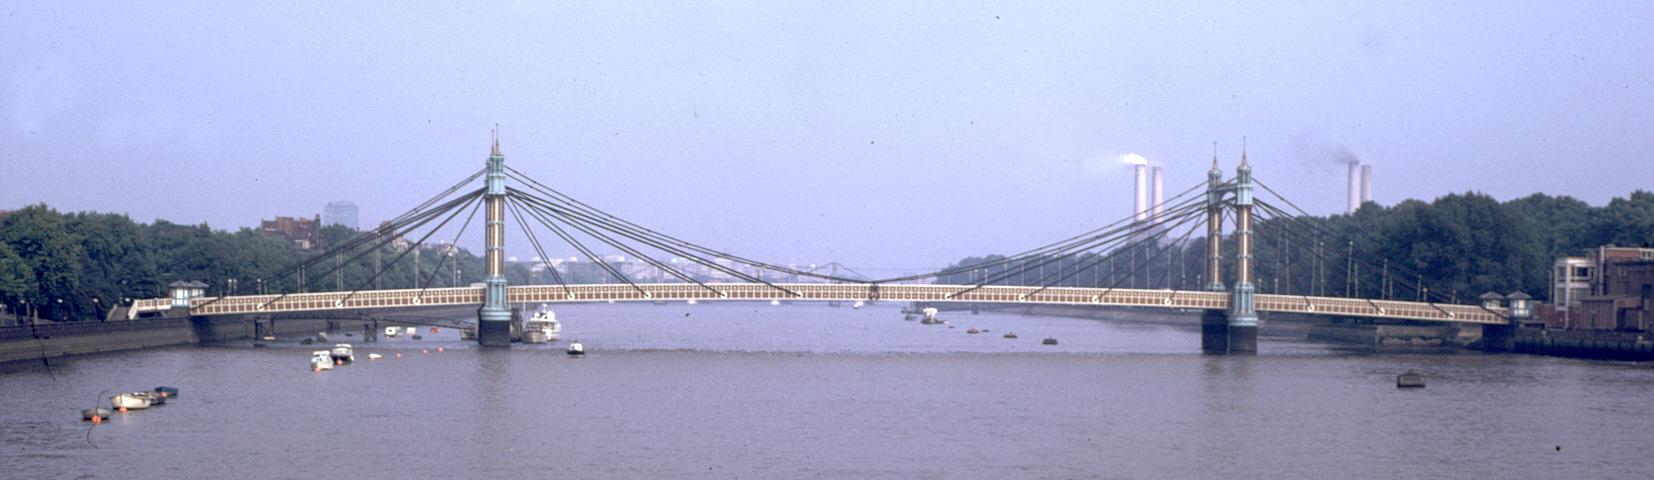 Teaching material for schools - Bridge design